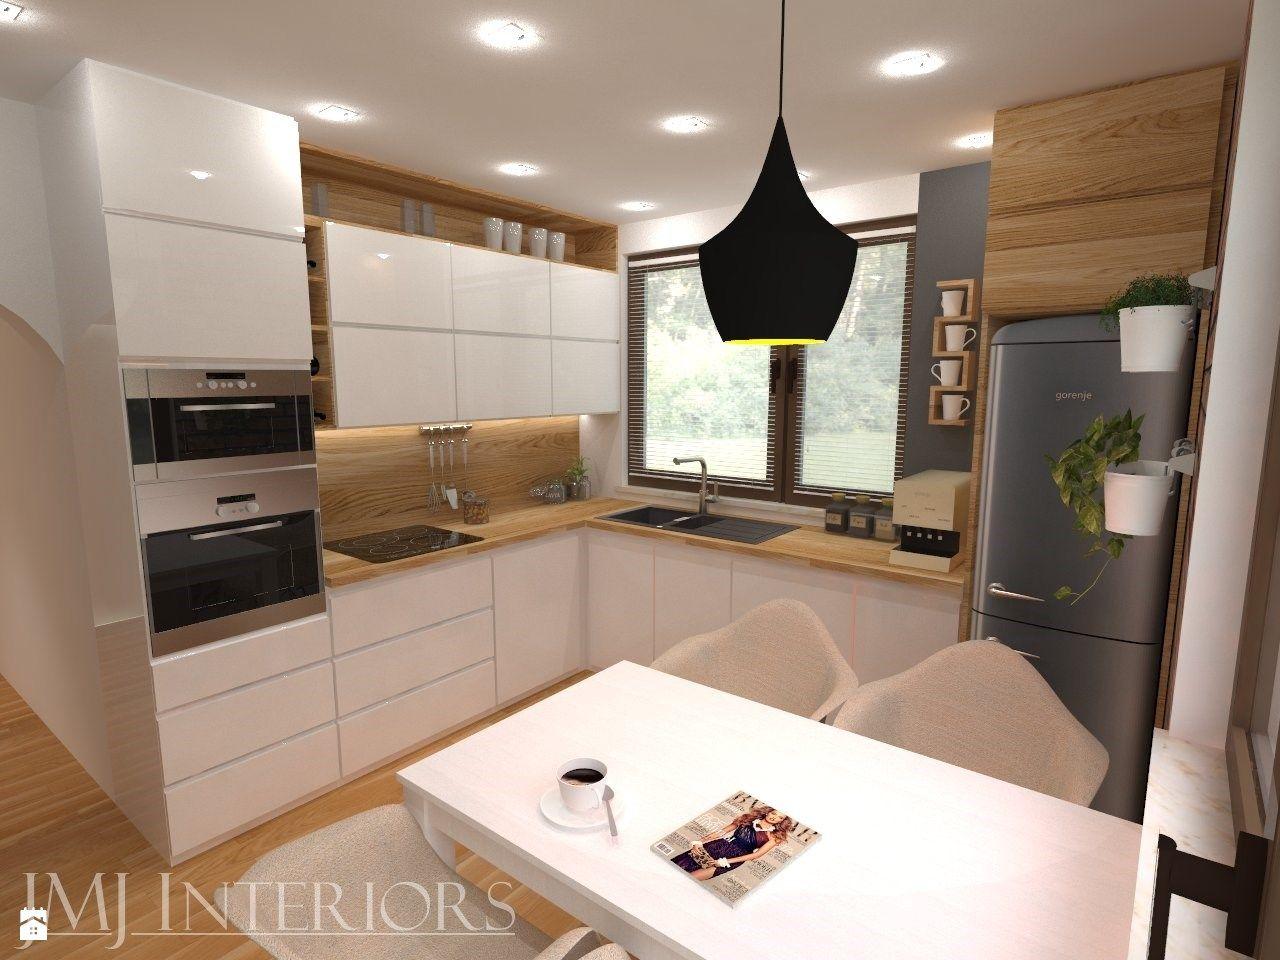 Wystroj Wnetrz Kuchnia Styl Nowoczesny Projekty I Aranzacje Najlepszych Designerow Prawdziw Interior Design Kitchen Kitchen Interior Kitchen Design Small